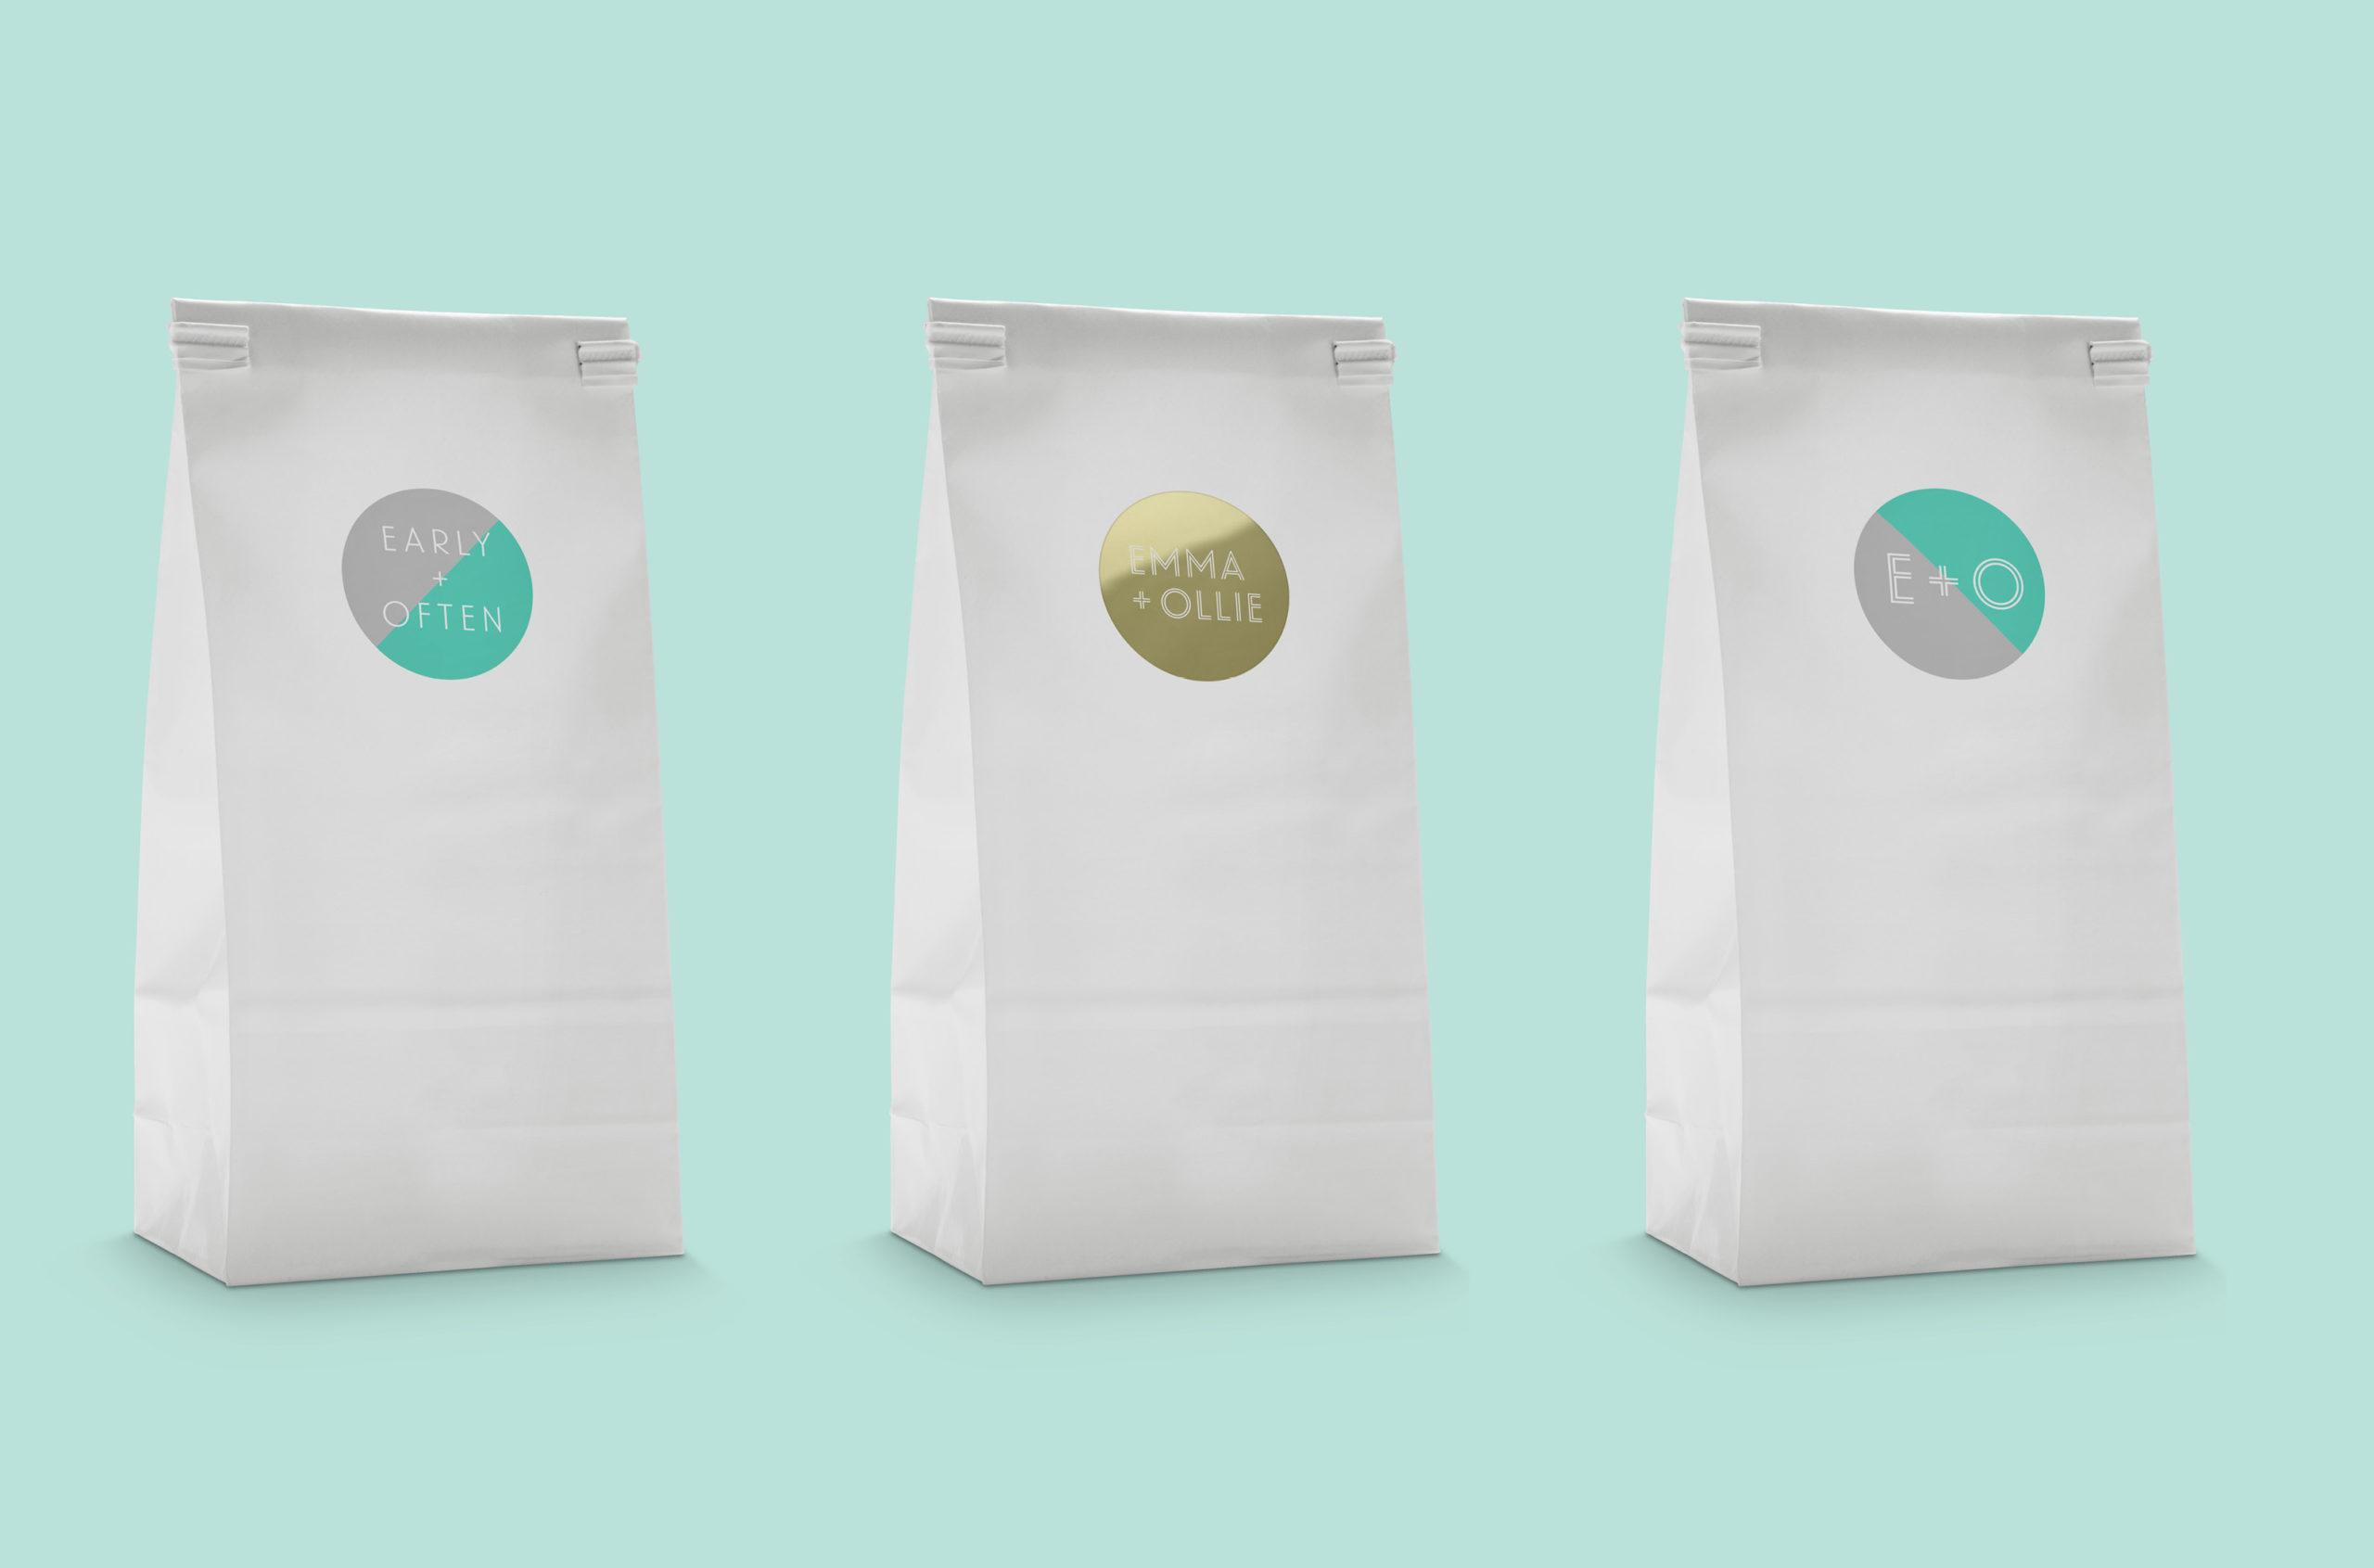 E+O sticker bags